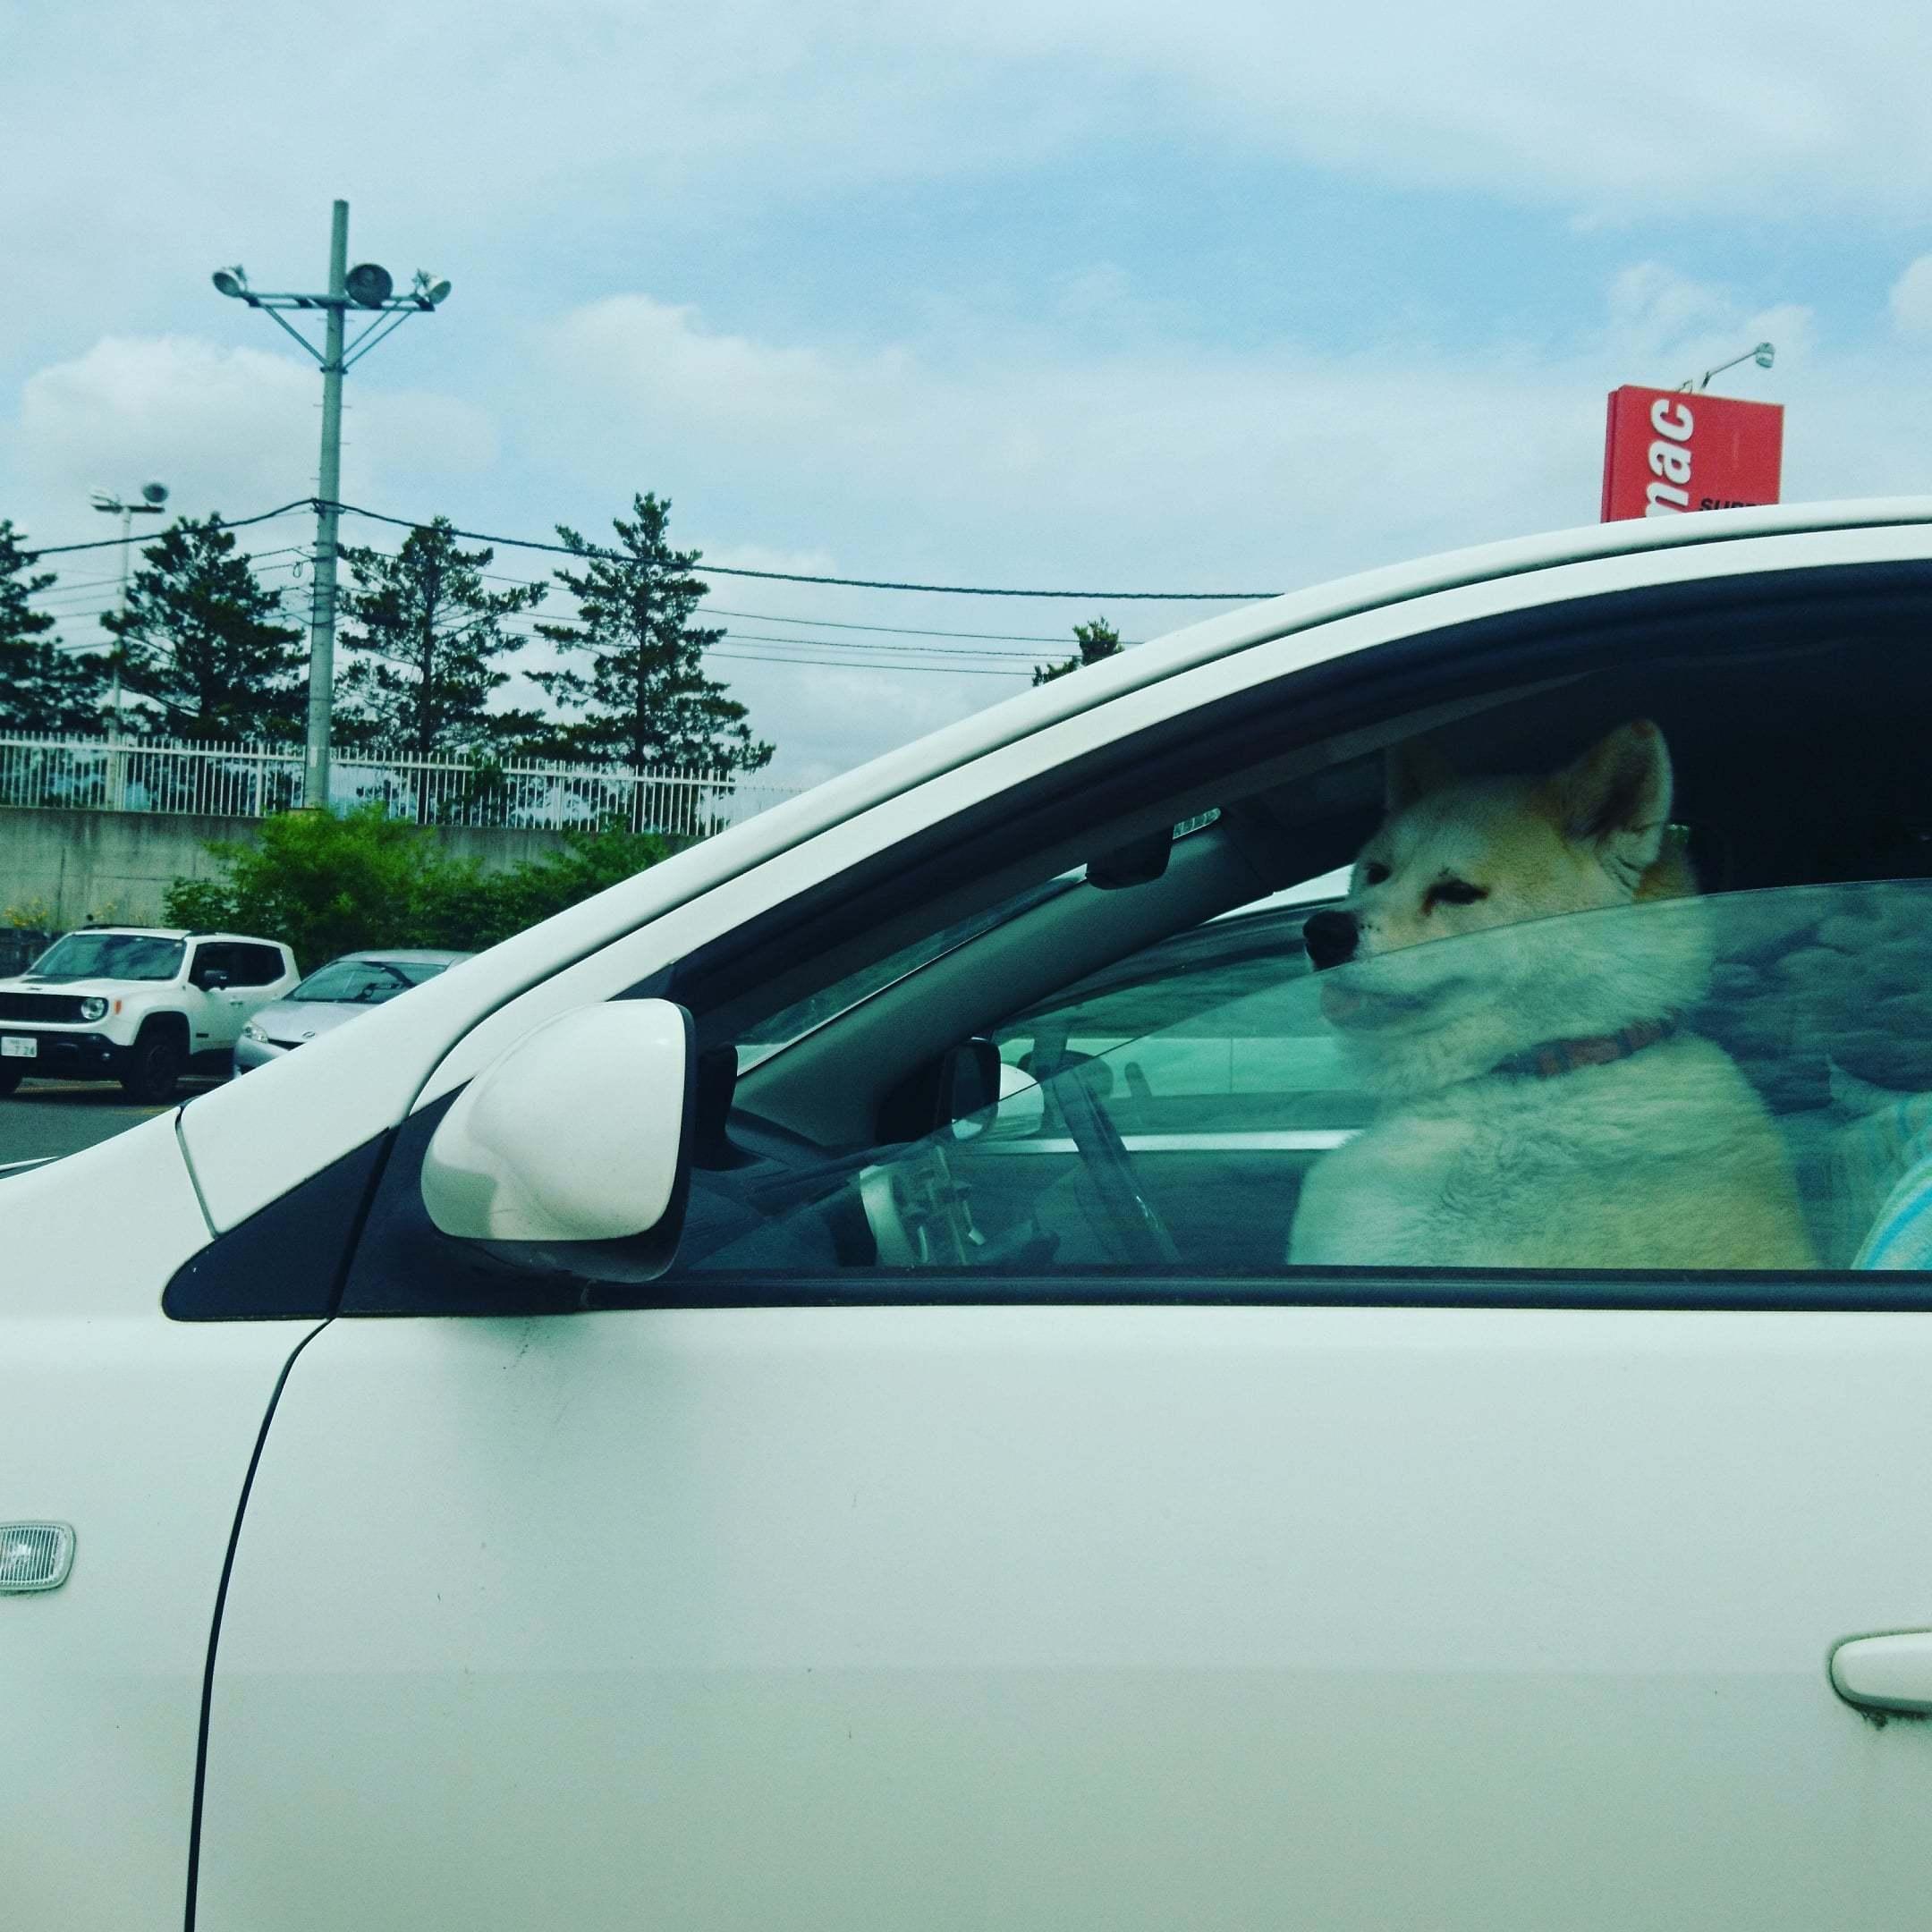 ワンちゃんドライバー。安全運転だワン!_b0106766_14345067.jpg